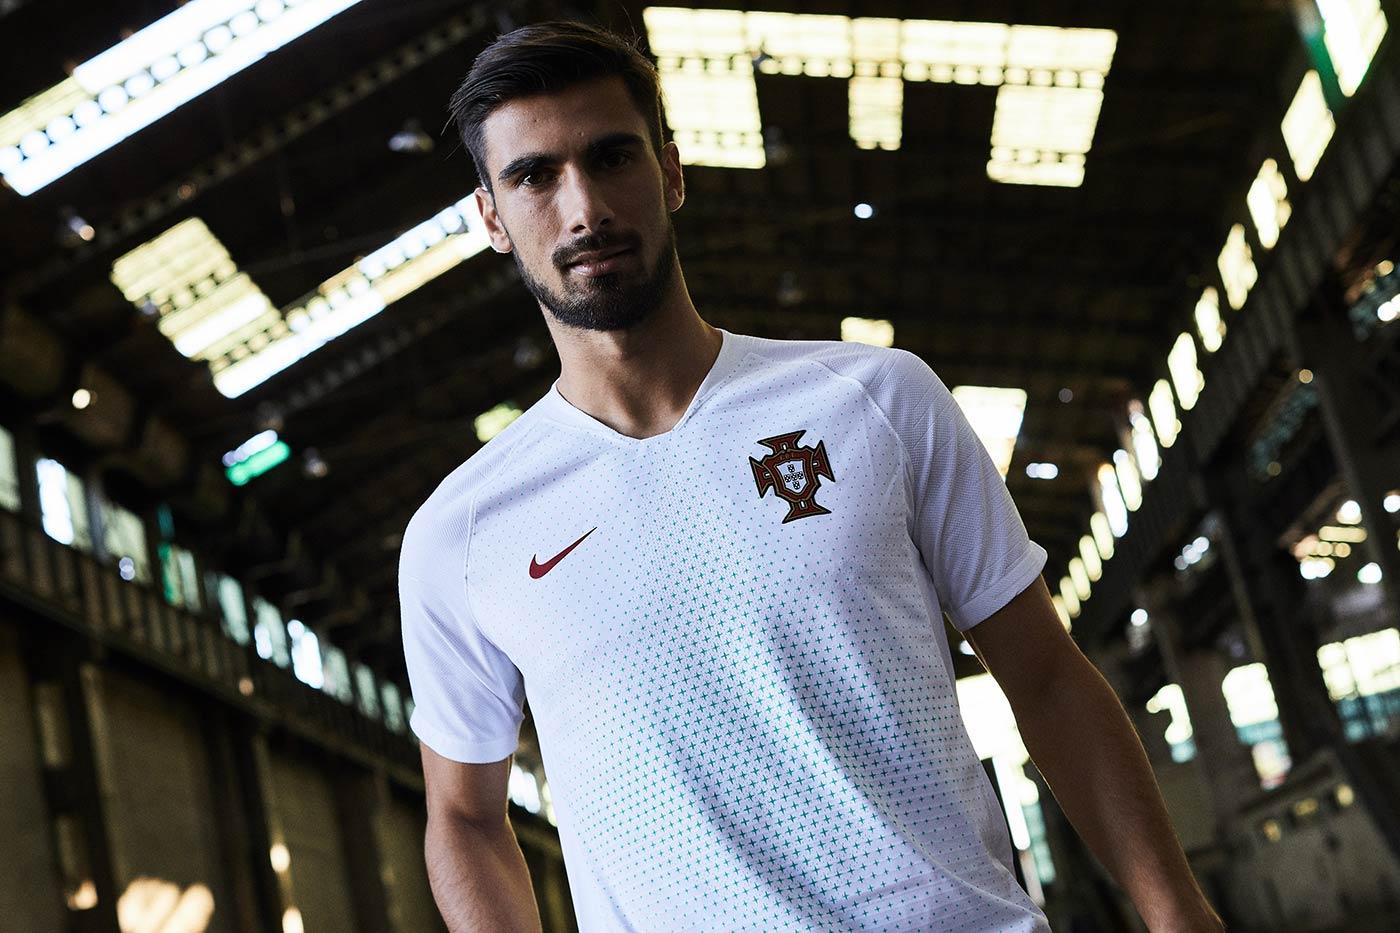 Maglie Portogallo Mondiali 2018, Nike celebra in oro CR7 e compagni